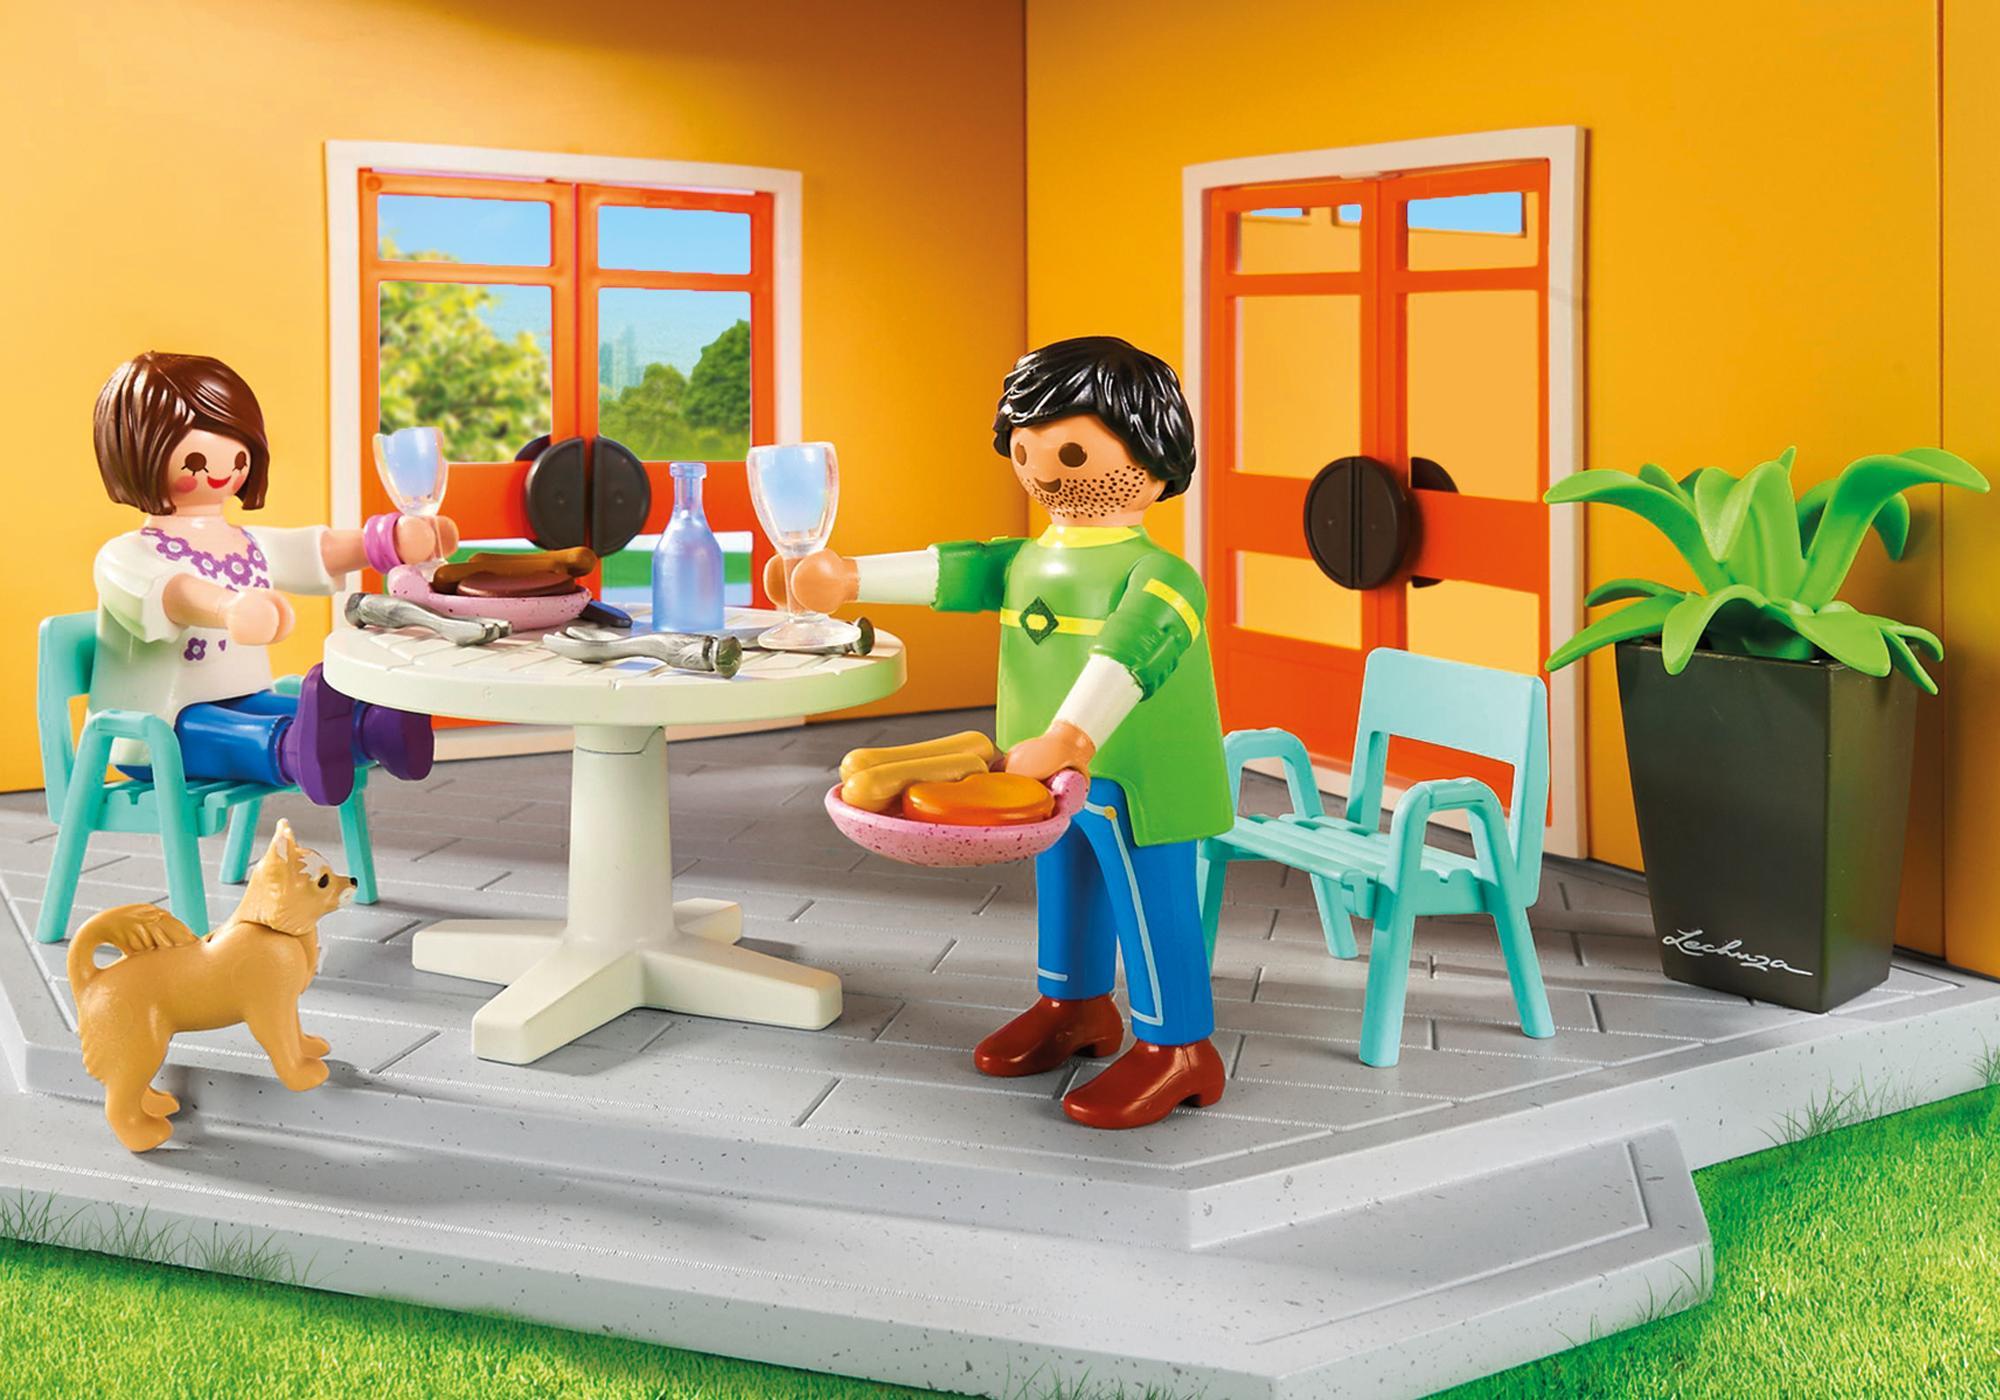 http://media.playmobil.com/i/playmobil/9266_product_extra1/Modernes Wohnhaus